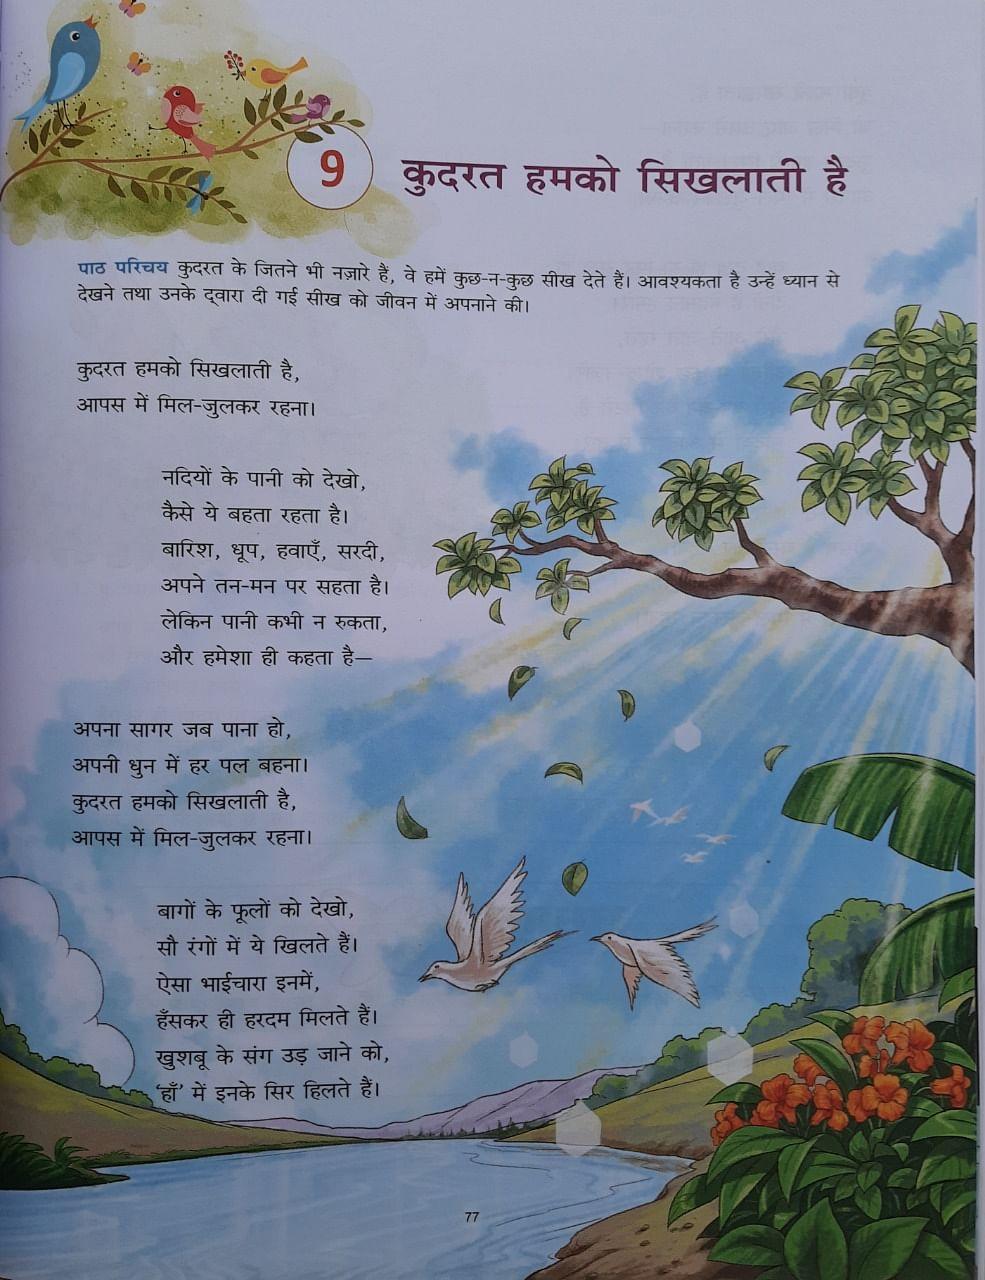 महाराष्ट्र के बाद अब दिल्ली के स्कूलों में भी पढ़ाई जाएगी बिहार के युवा कवि त्रिपुरारि की कविता